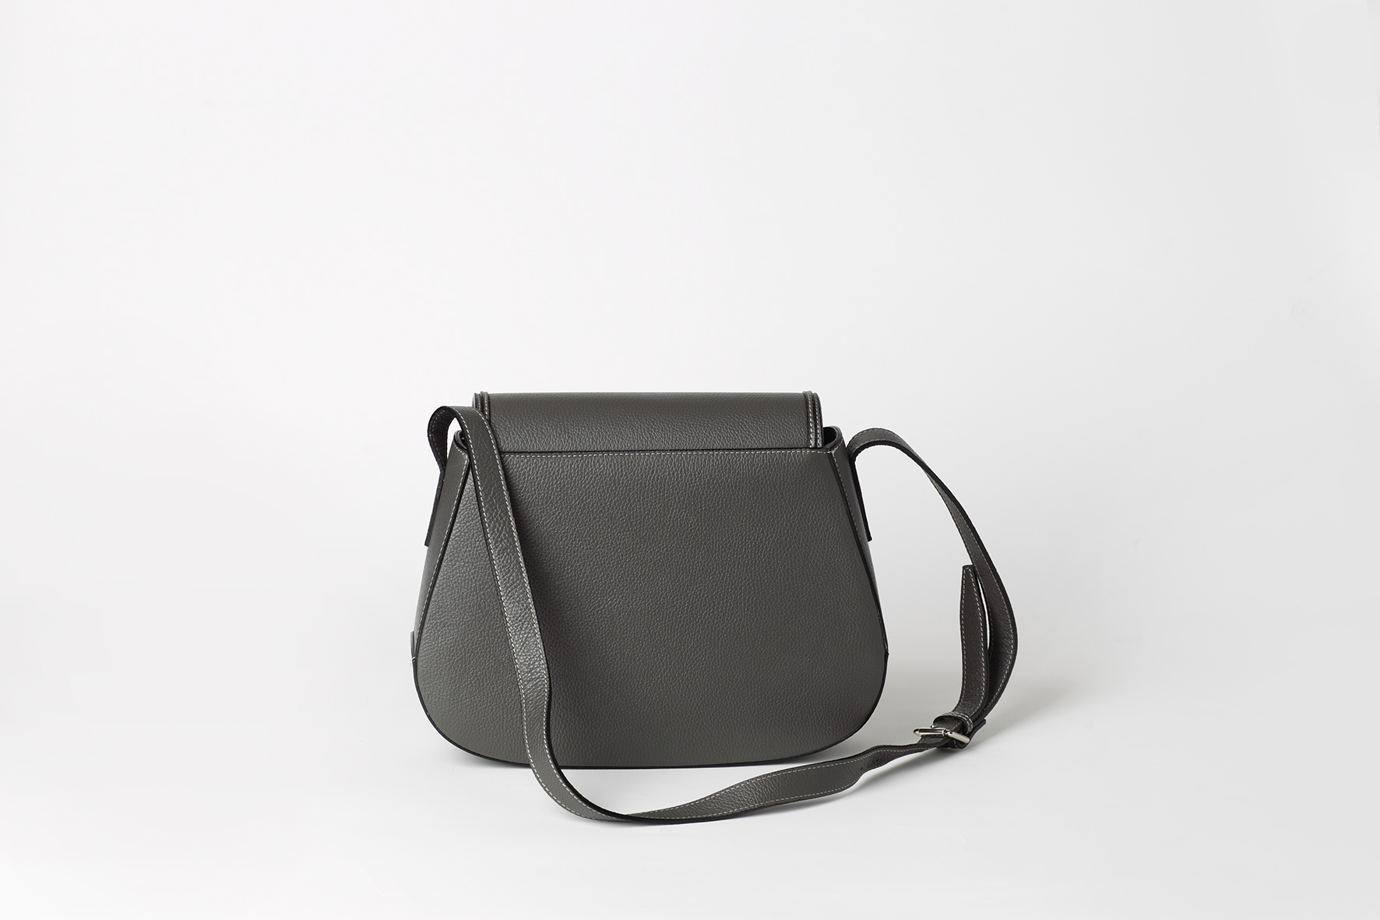 Серая сумка из натуральной кожи  - MIRA - natural leather bag. В наличии в Москве